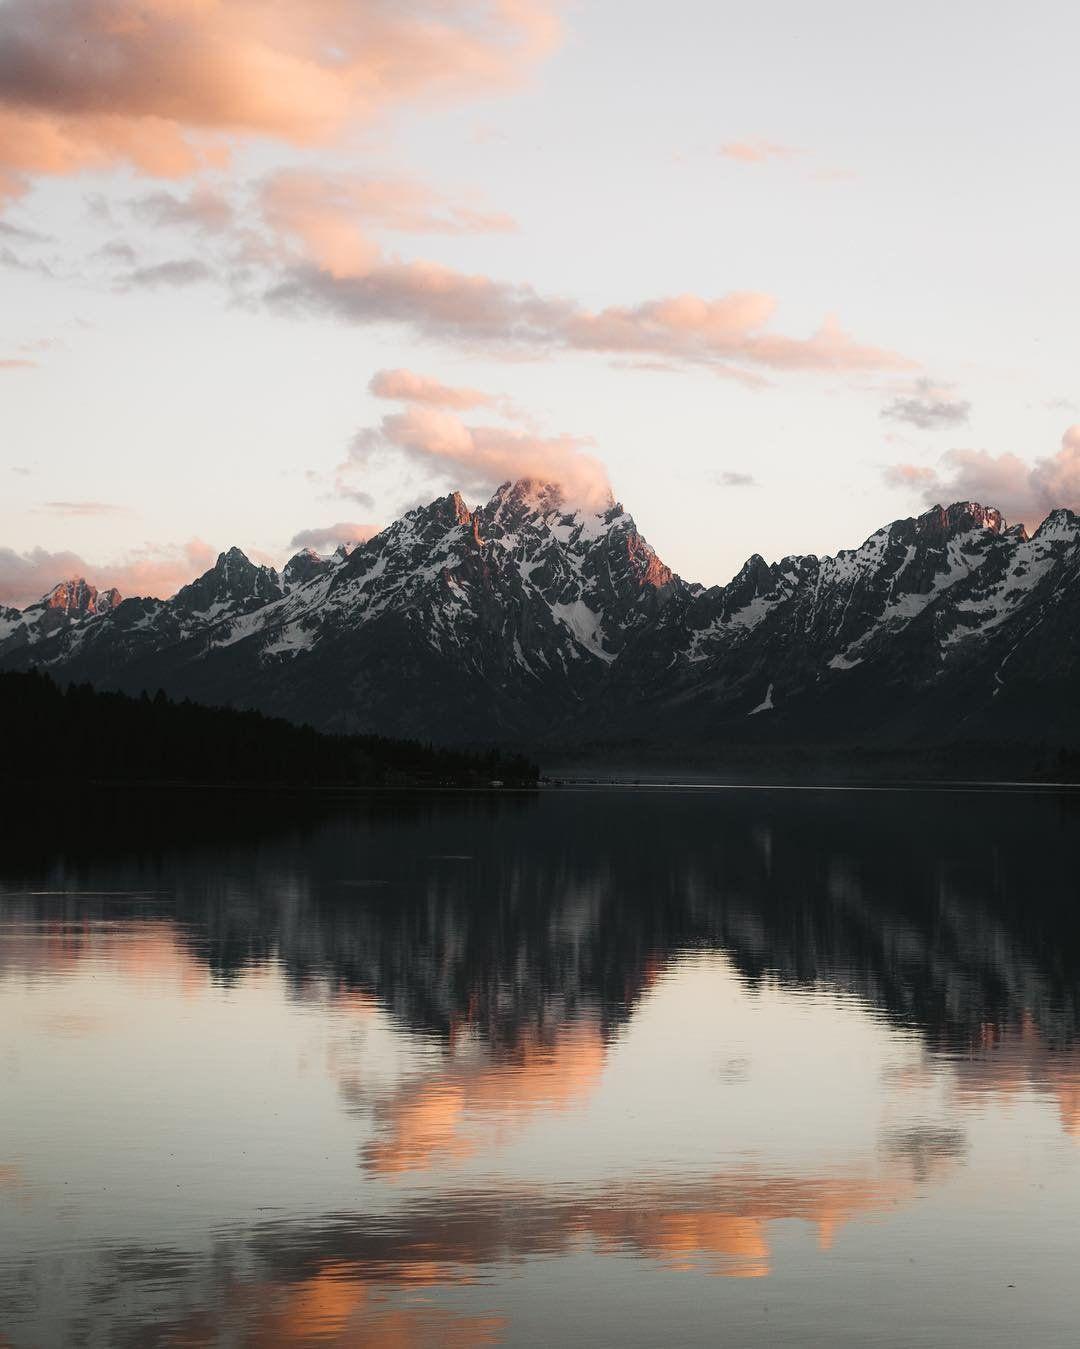 Jackson Lake Lurkerlife Landscape Photography Landscape Photography Tips Mountain Landscape Photography